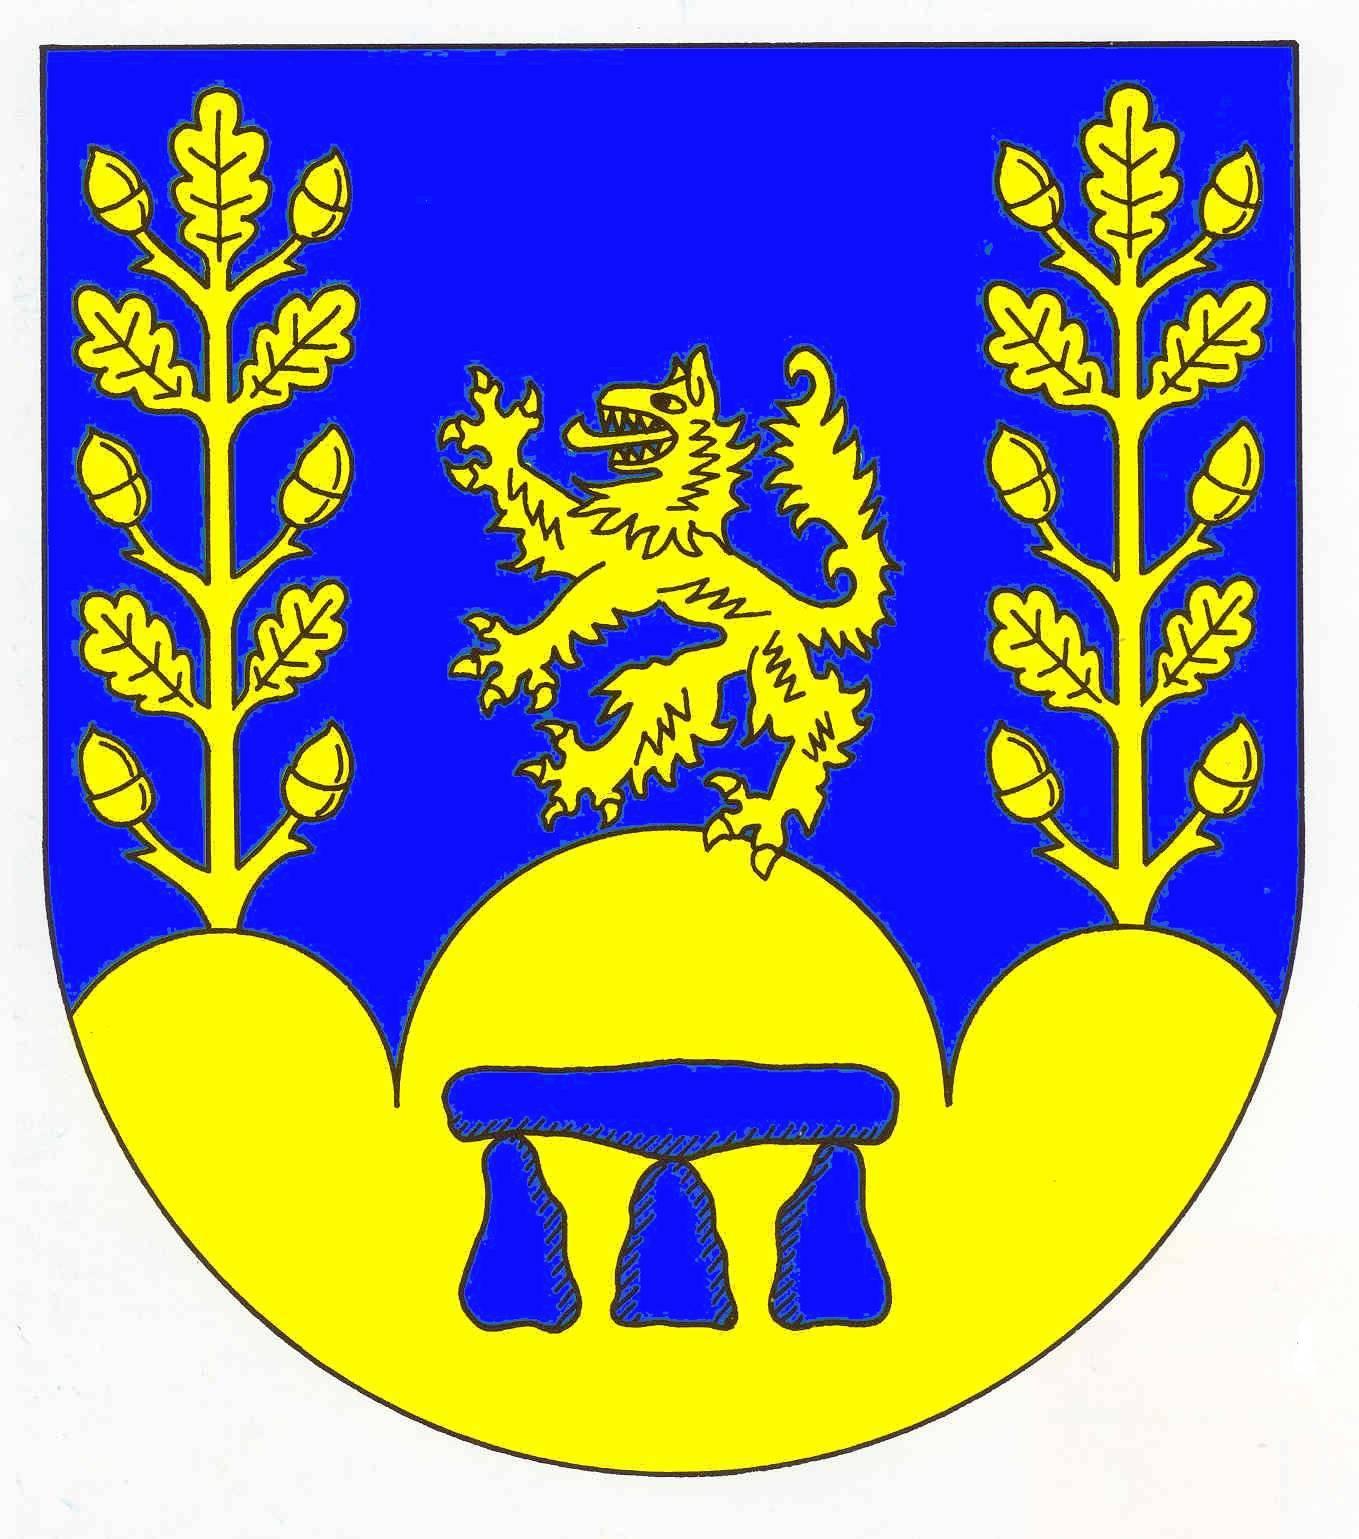 Wappen GemeindeDamendorf, Kreis Rendsburg-Eckernförde